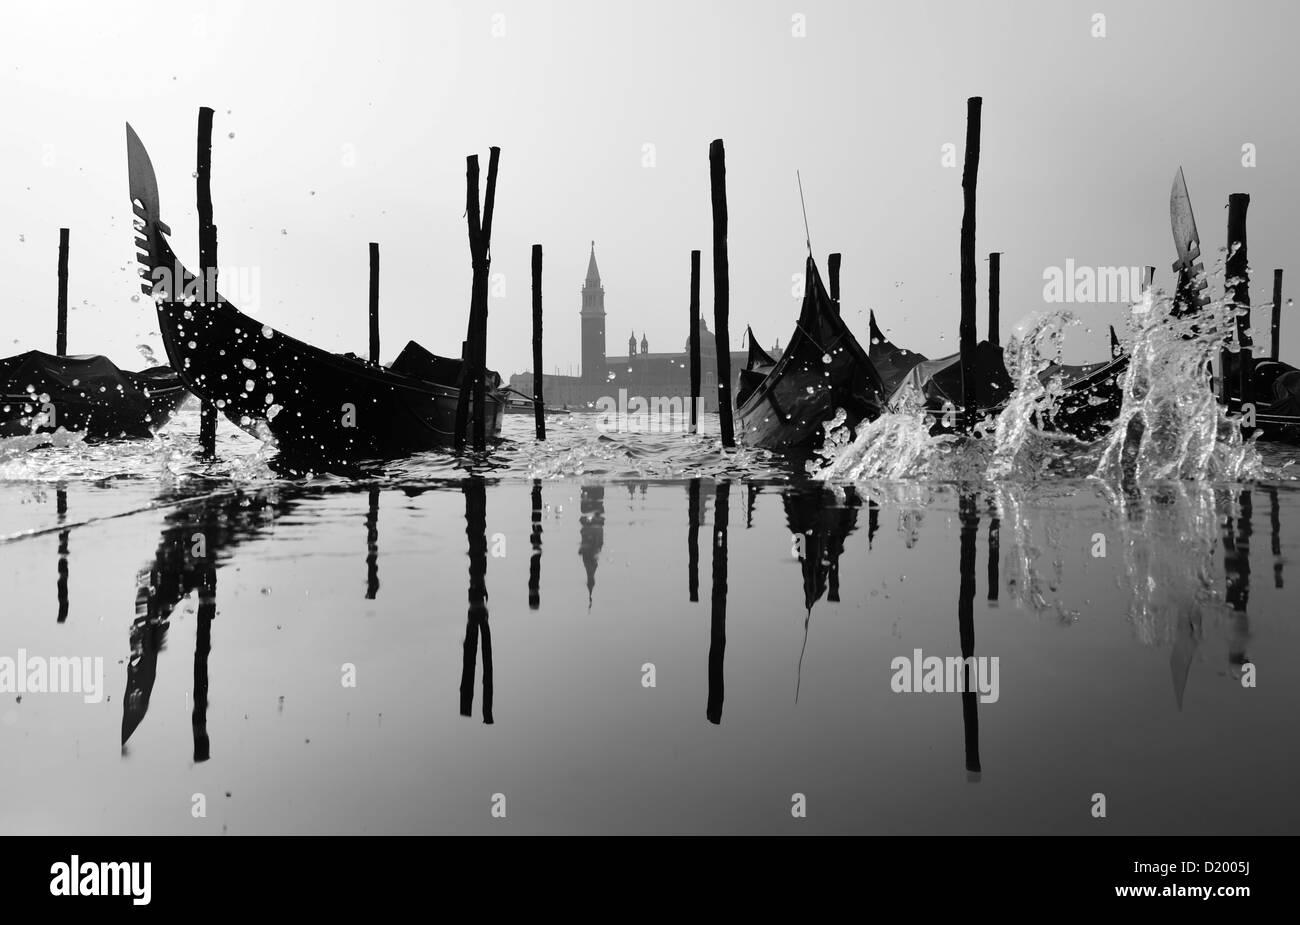 Las góndolas, agua pulverizada, San Giorgio Maggiore, Venecia, Italia Foto de stock